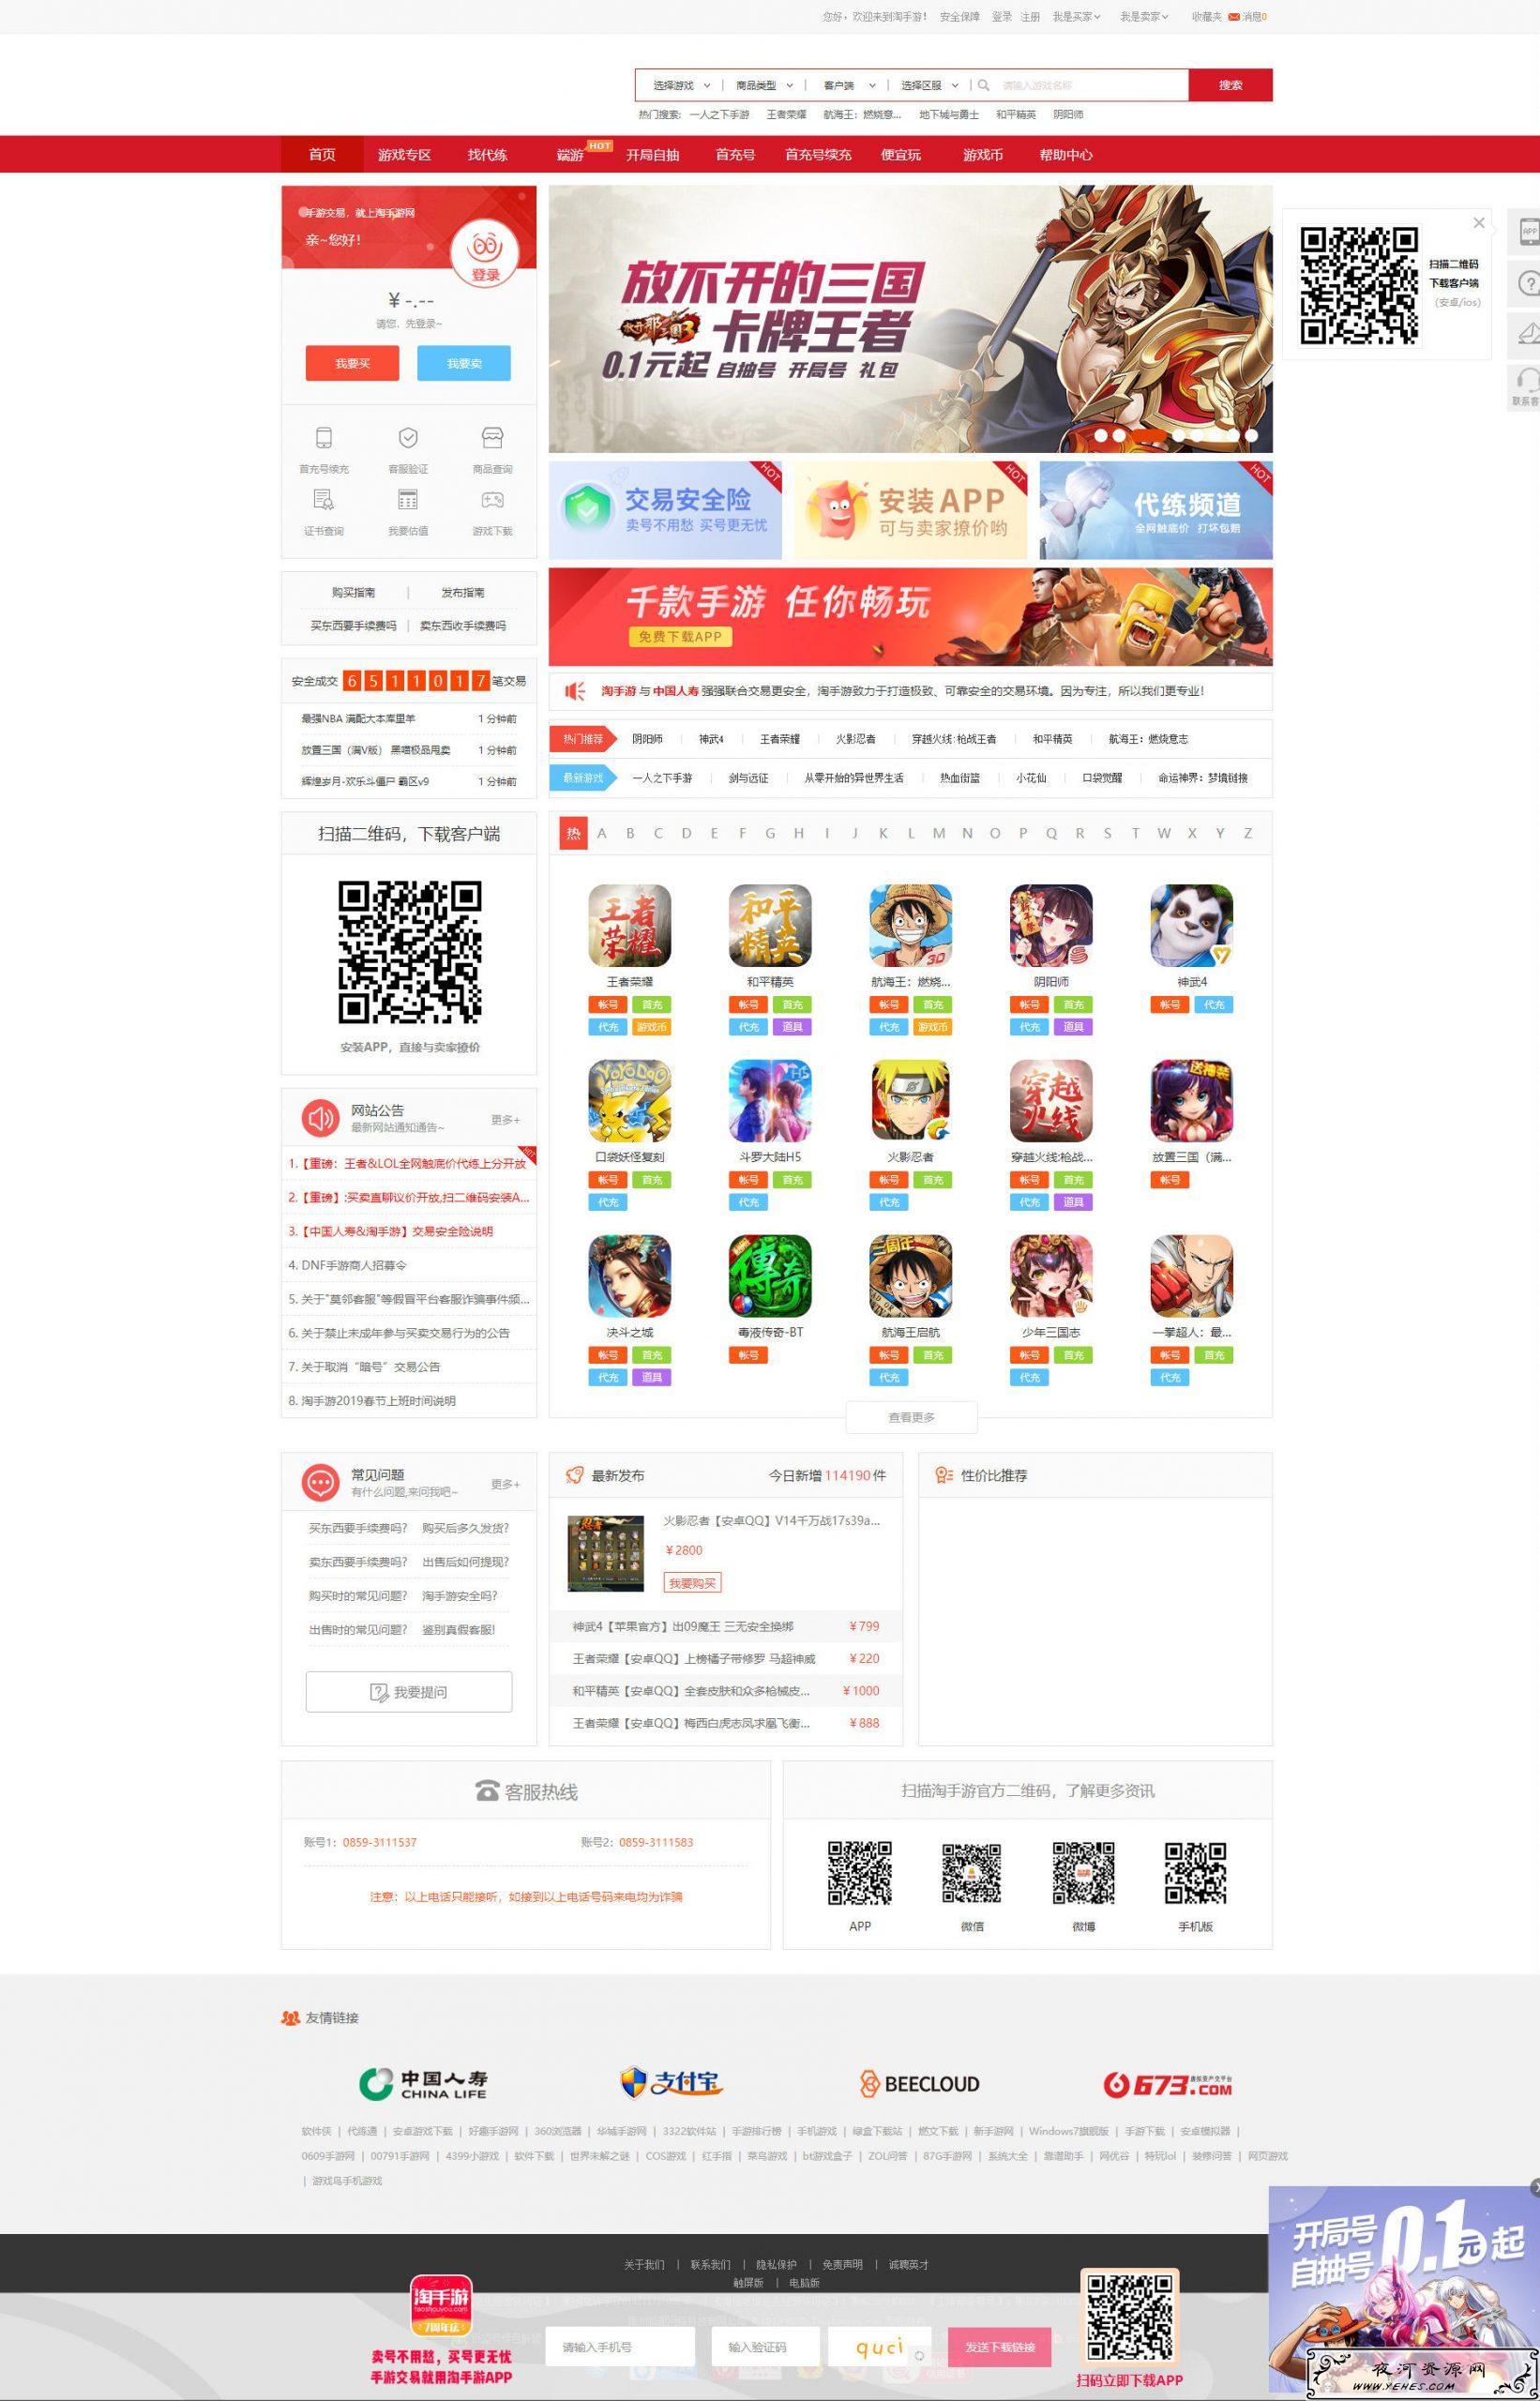 精防游戏账号租贷平台源码